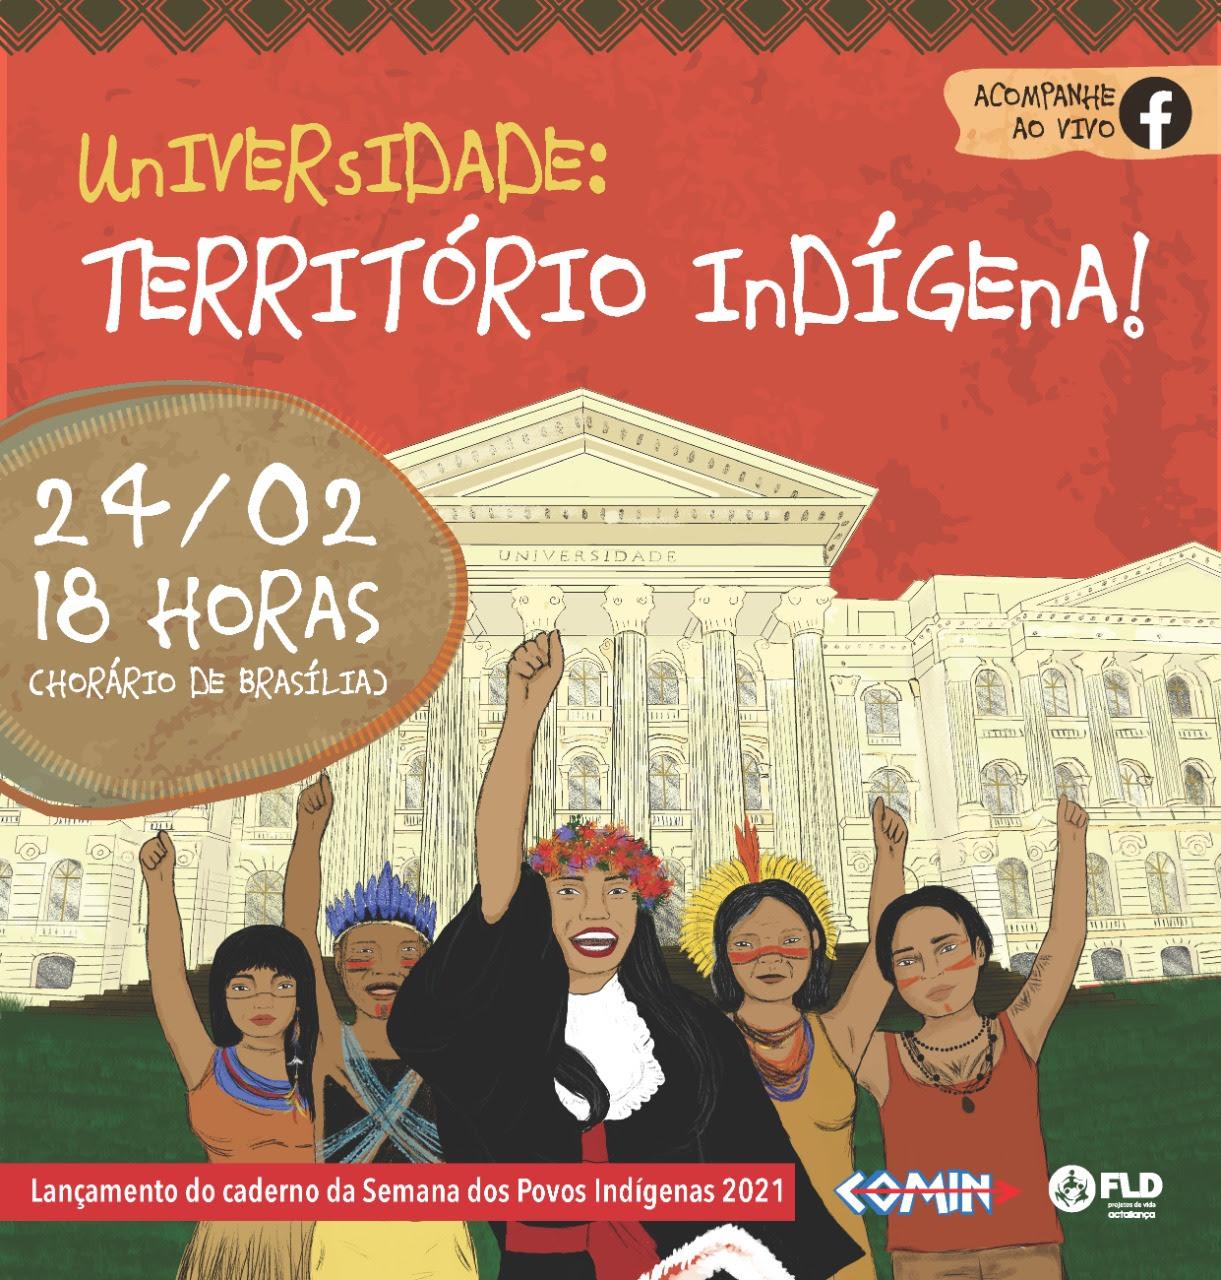 """Lançamento: Semana dos Povos Indígenas 2021 """"Universidade: território indígena!"""""""